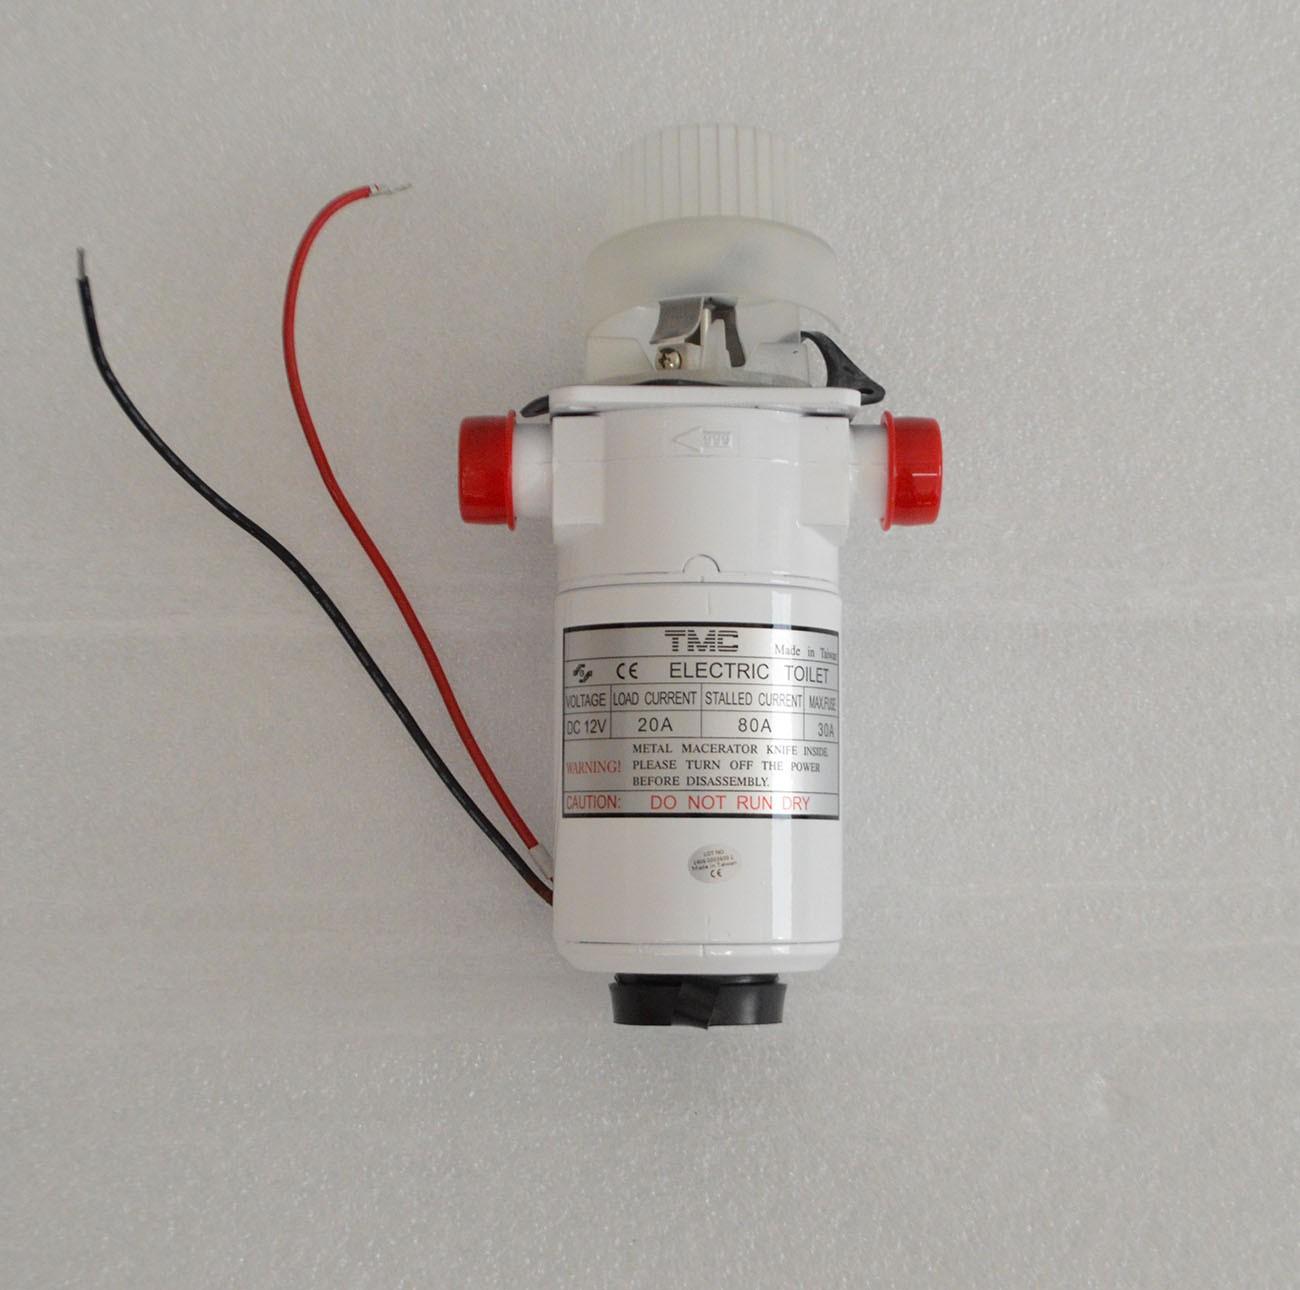 143.61 - Αντλία 12V Για Ηλεκτρική Τουαλέτα